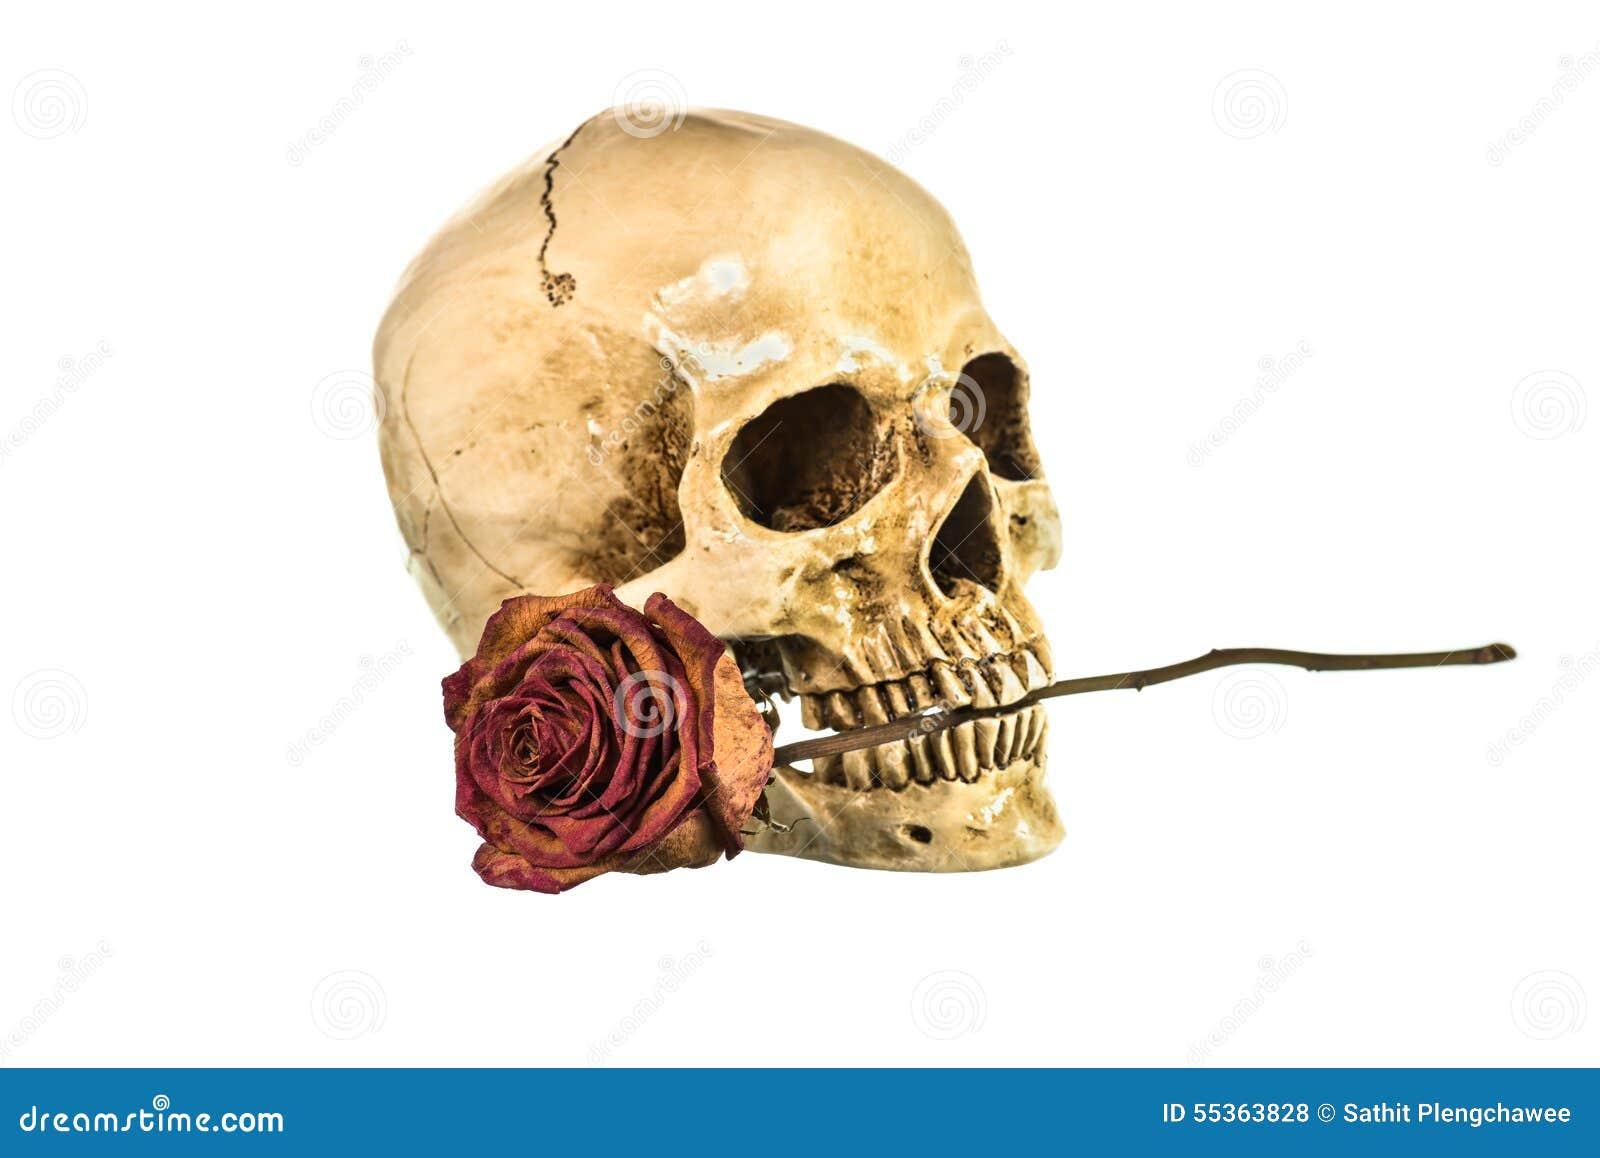 Rosa rossa asciutta in denti del cranio umano su fondo bianco